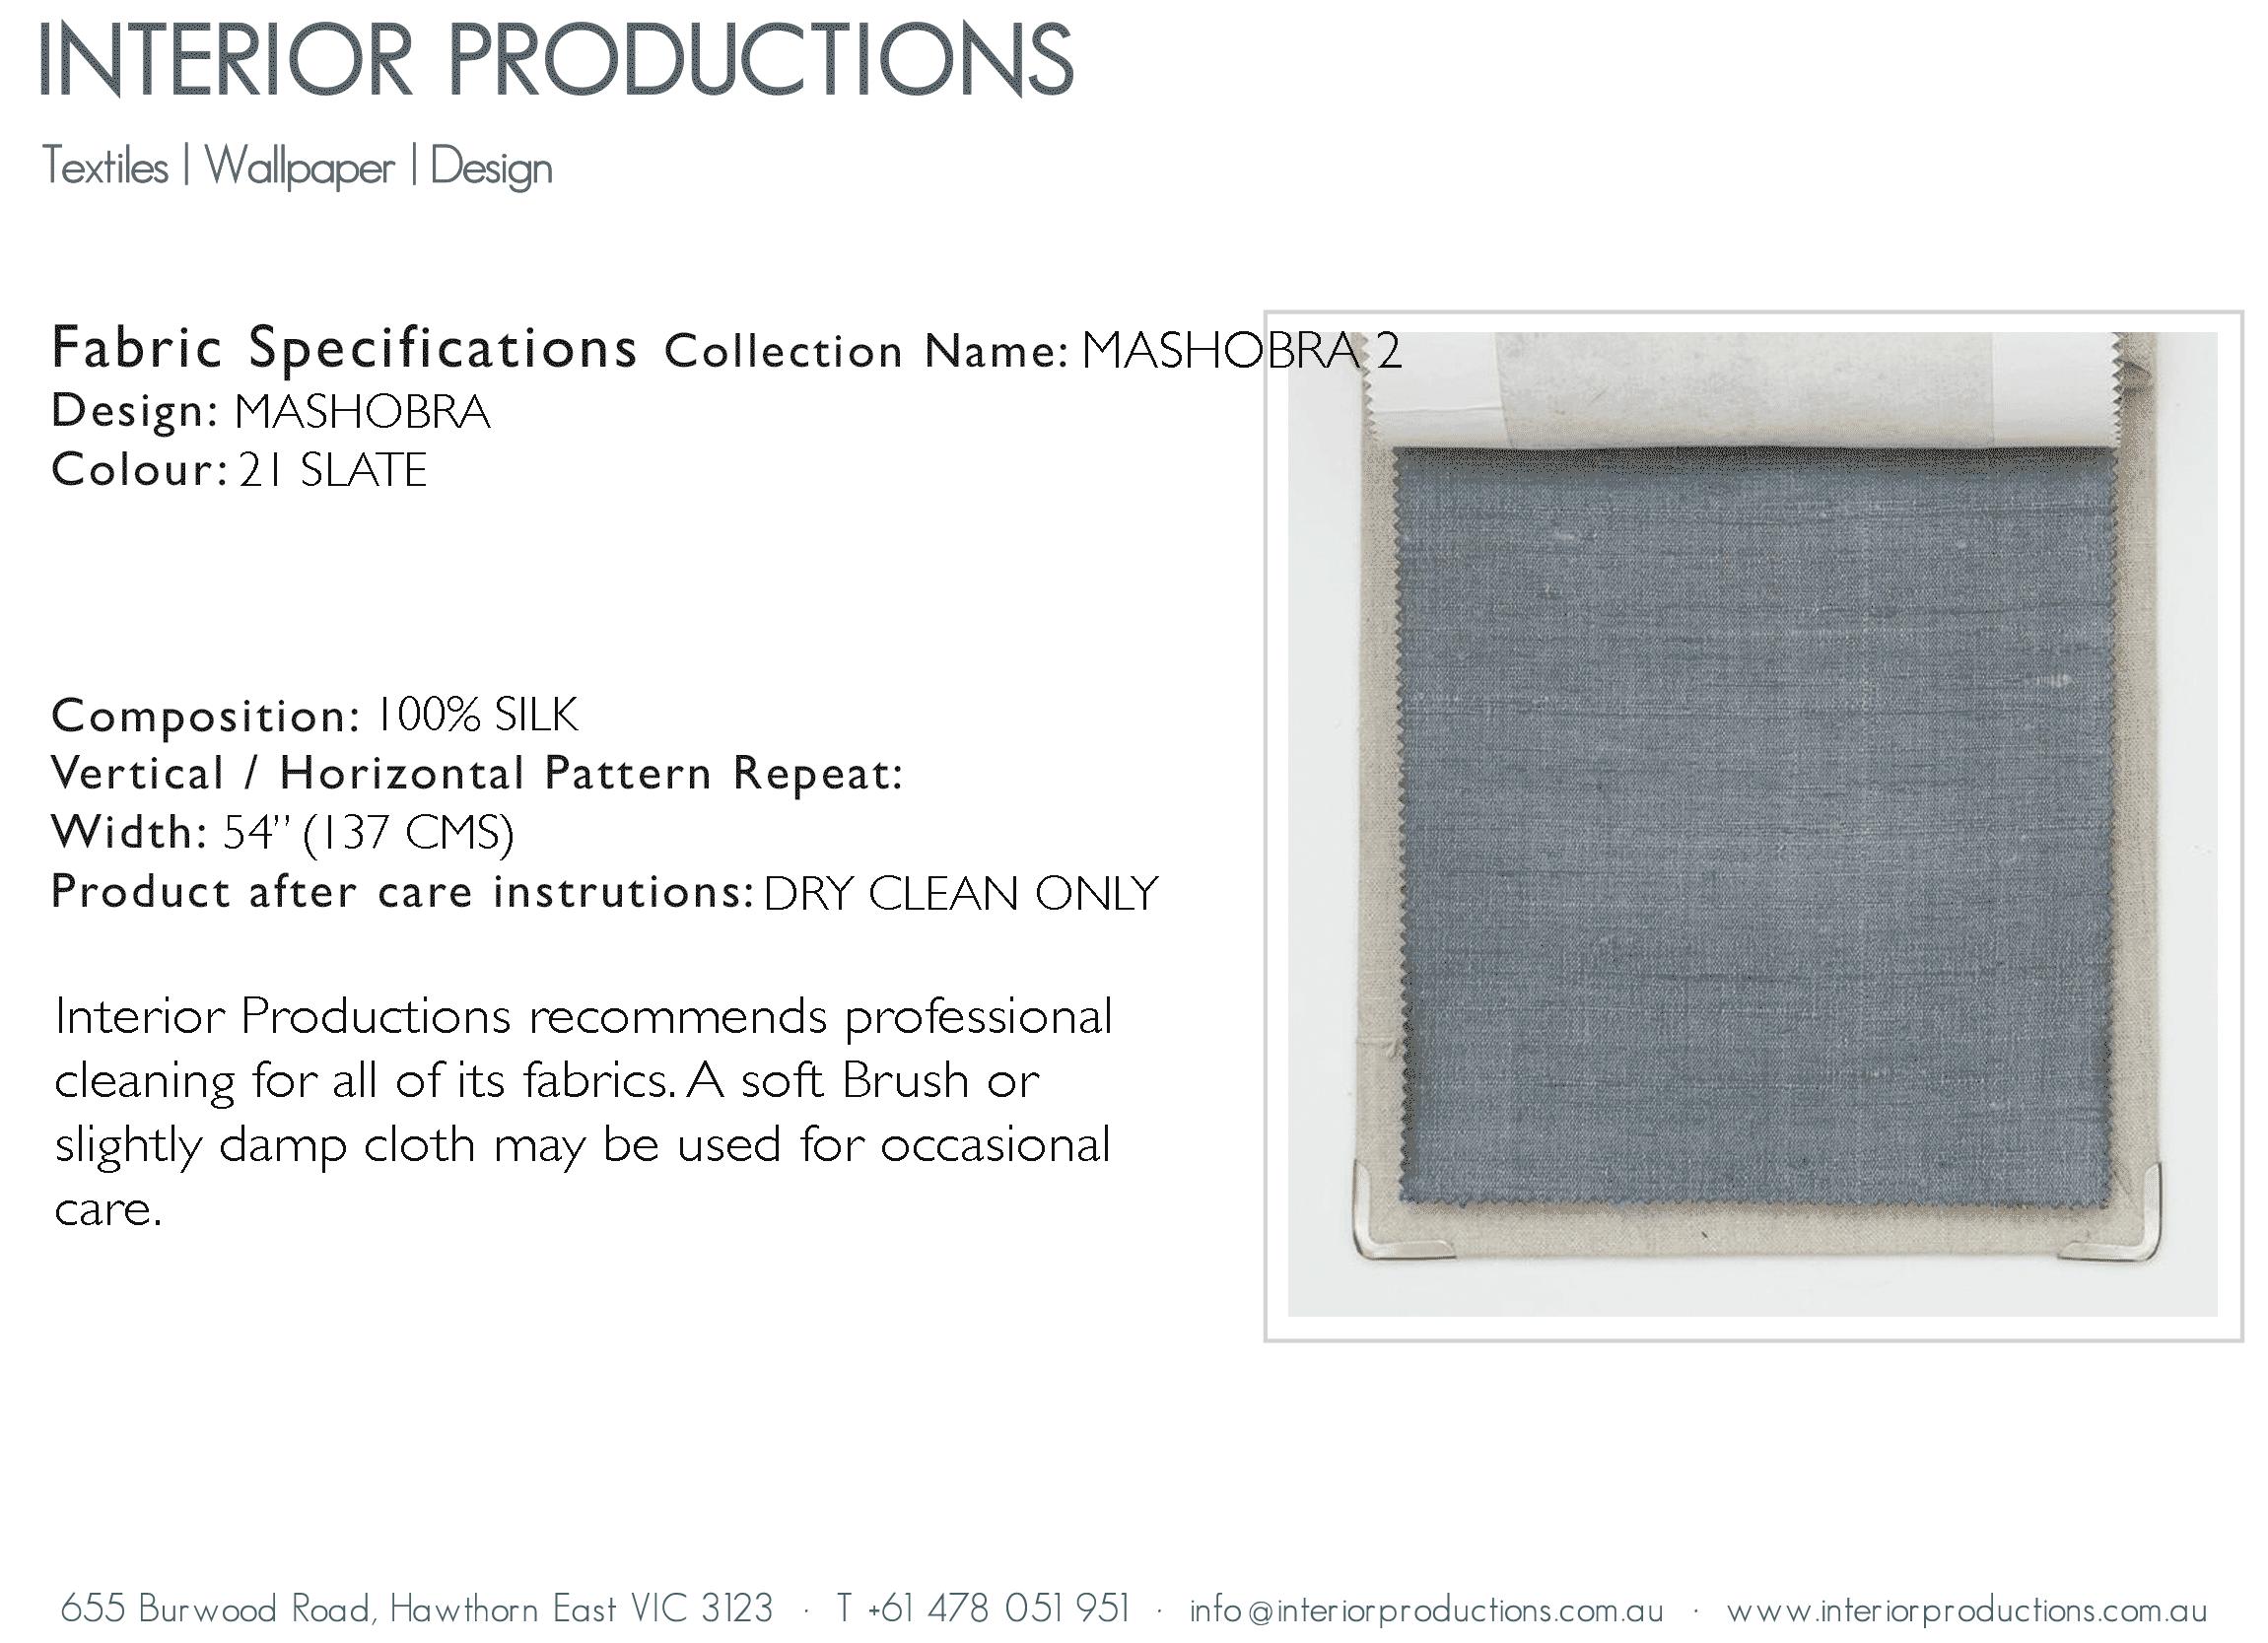 interior_productions_MASHOBRA---21-SLATE